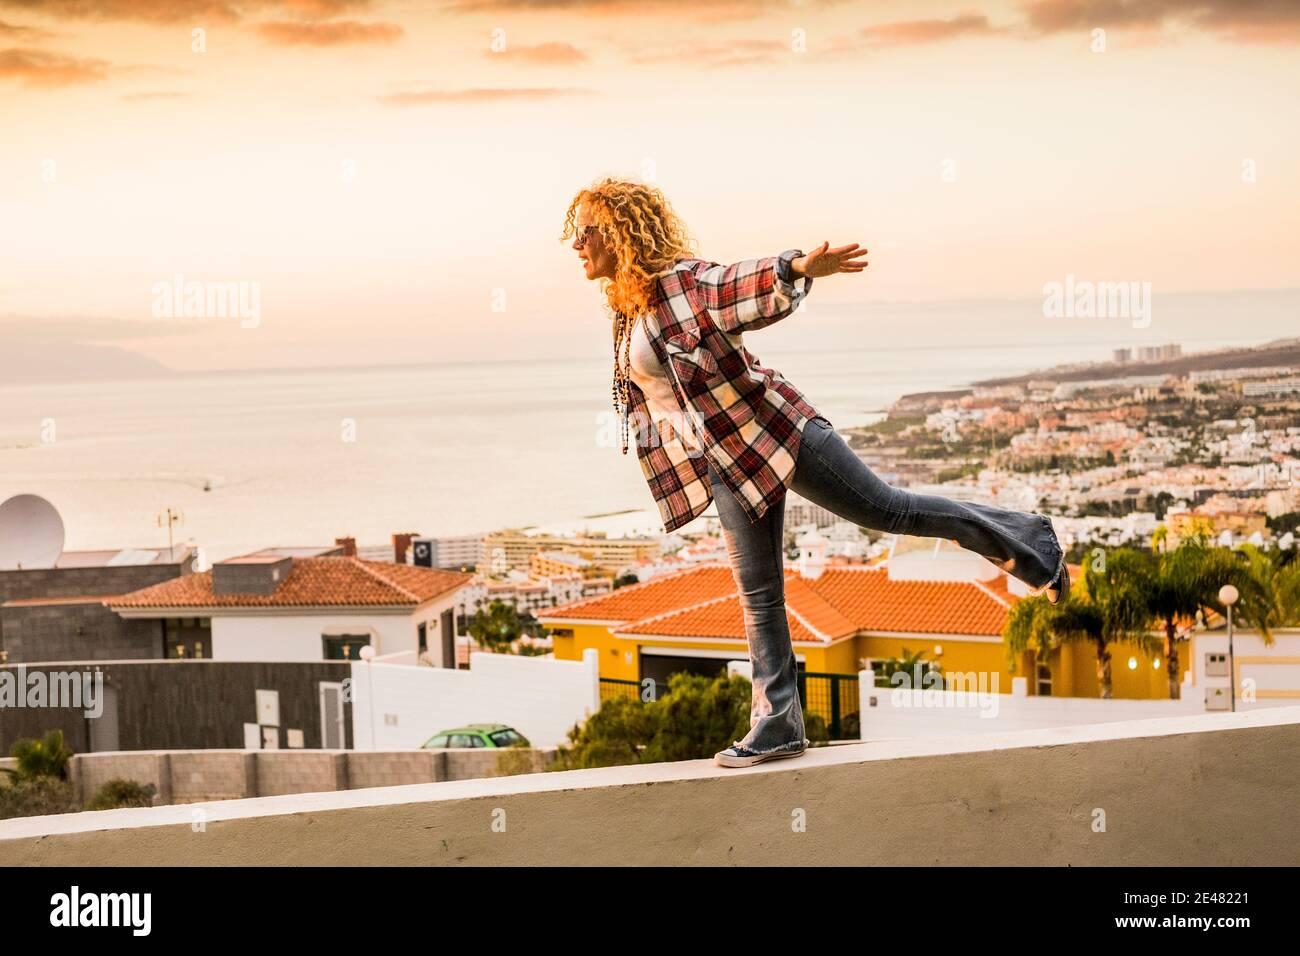 Concept de bonheur et de liberté pour une jeune femme indépendante et belle marchant équilibré sur un mur avec la ville et la côte de mer dedans contexte - vacances d'été Banque D'Images